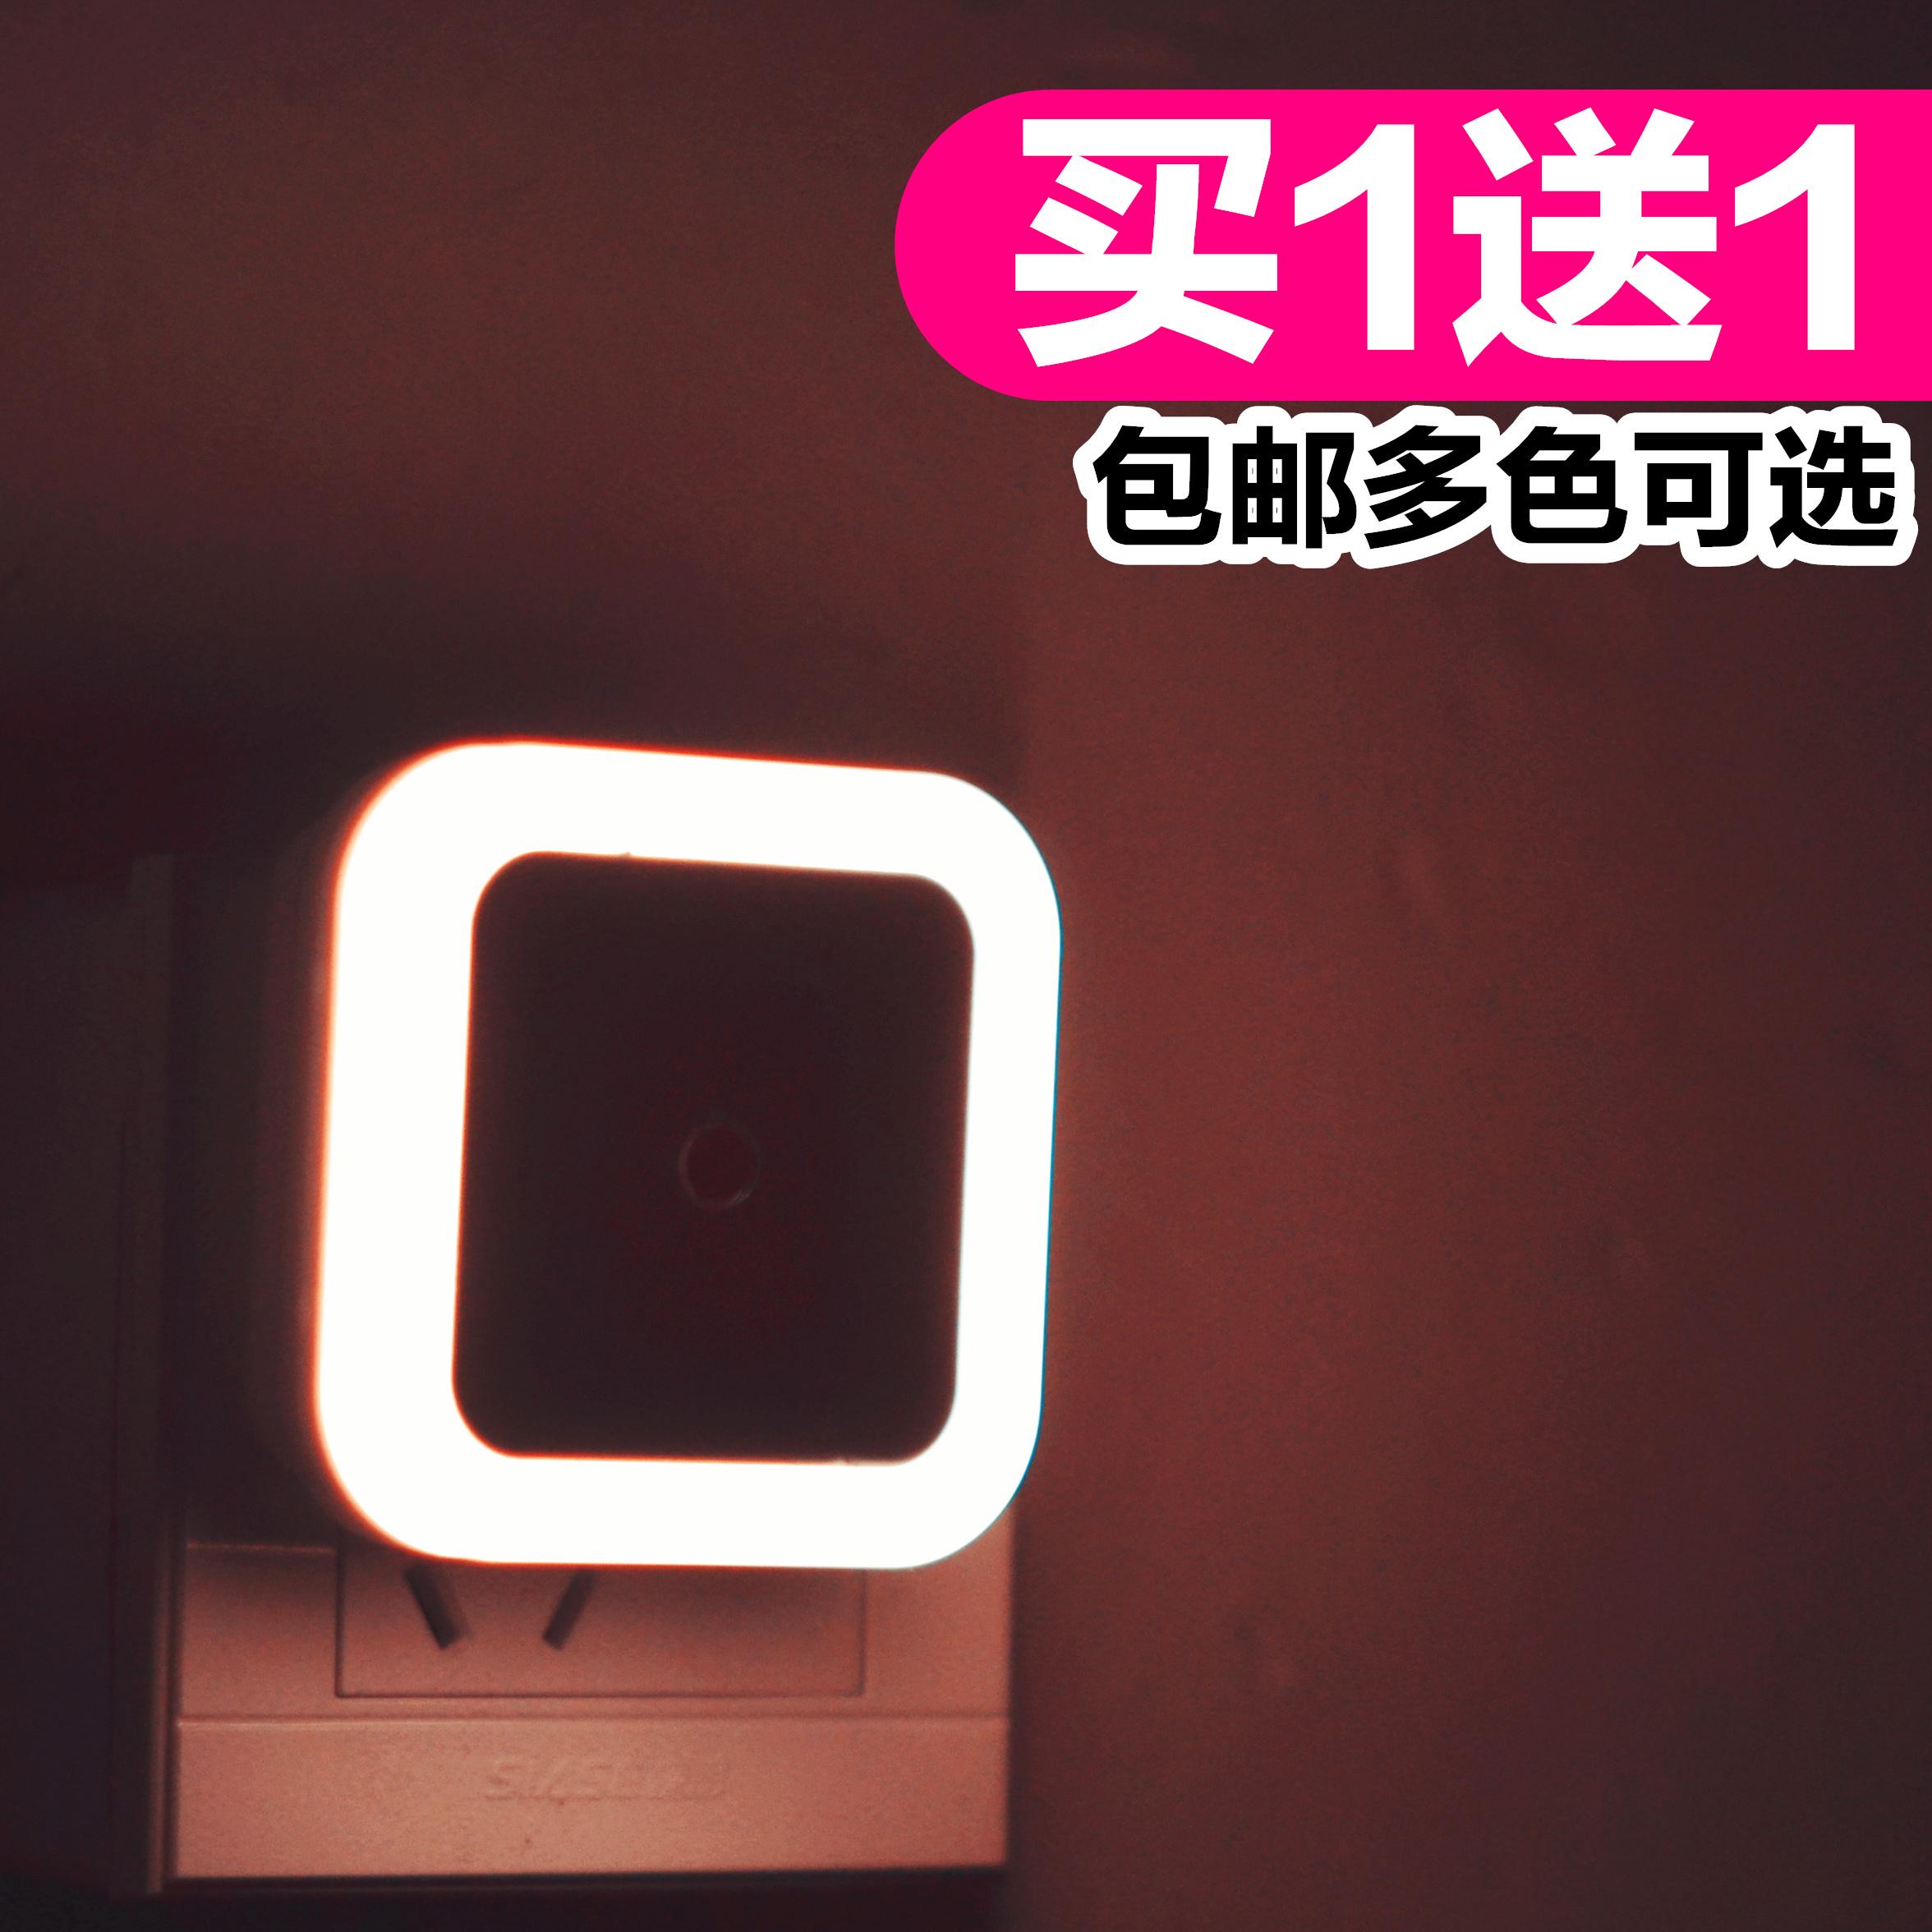 创意LED光控感应灯插电节能小夜灯 宝宝喂奶起夜卫生间卧室床头灯